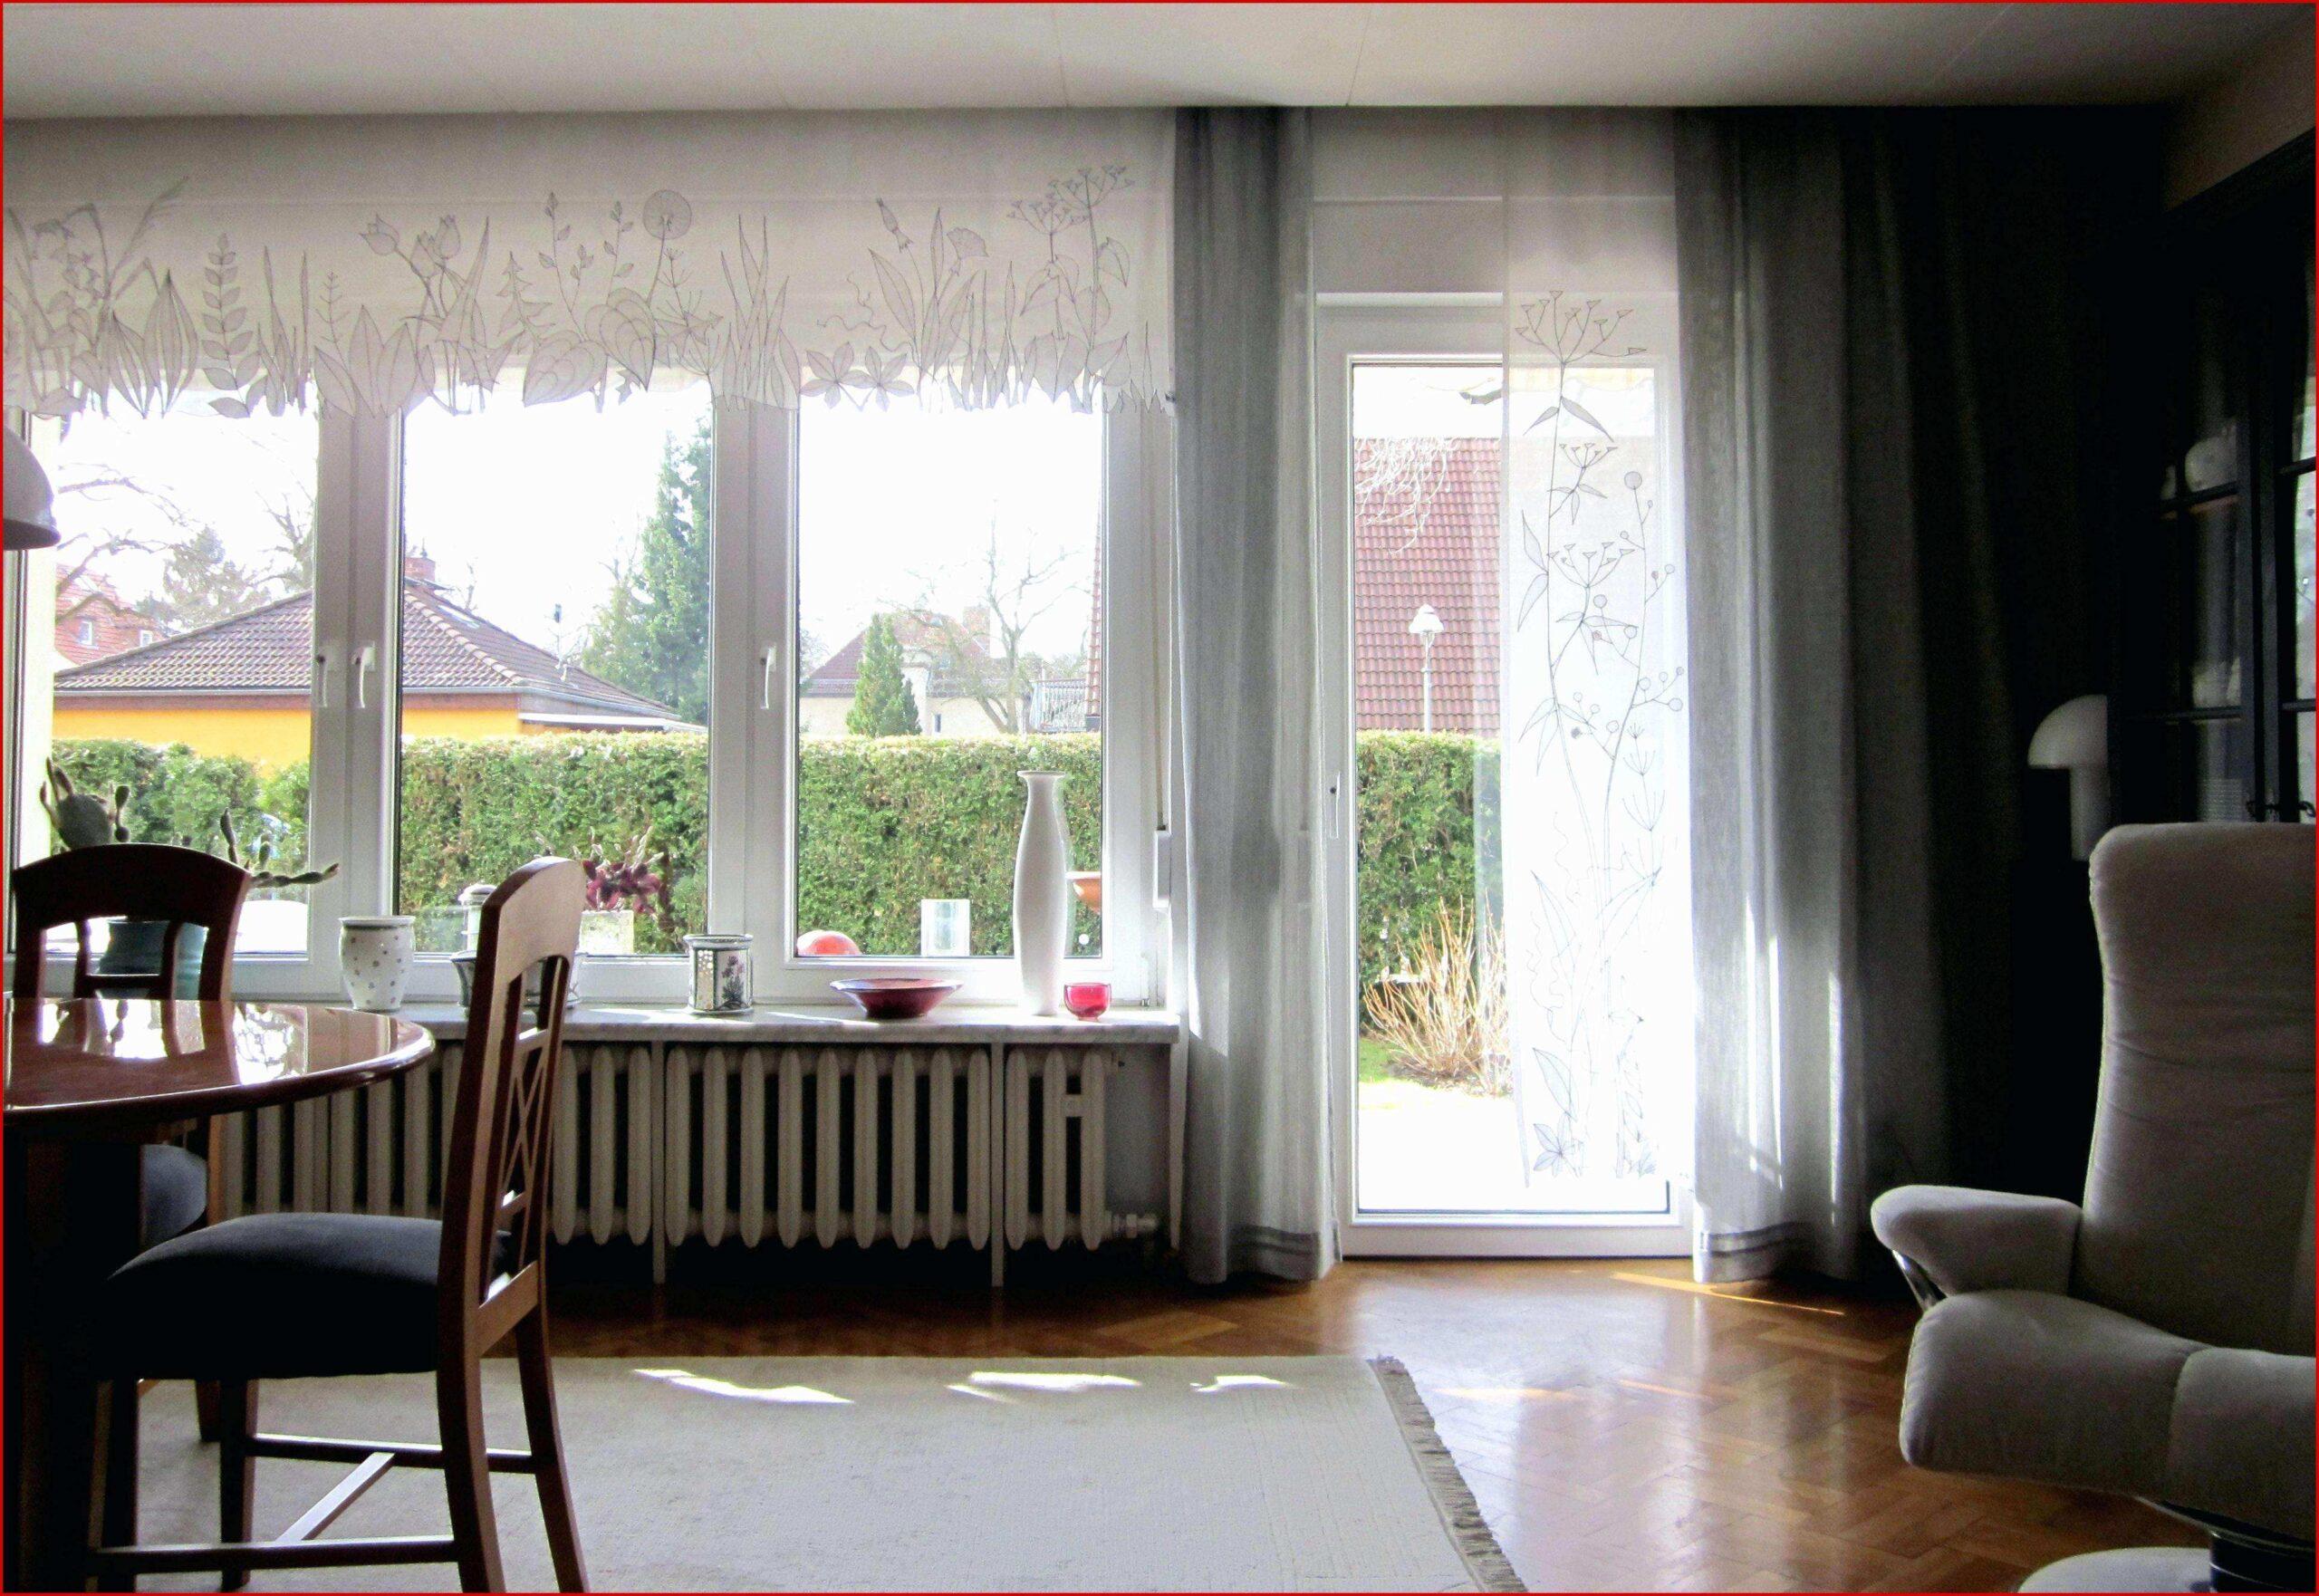 Full Size of Moderne Gardinen Fr Wohnzimmer Schn Landhausküche Deckenleuchte Für Fenster Modernes Bett 180x200 Esstische Küche Schlafzimmer Die Wohnzimmer Moderne Gardinen